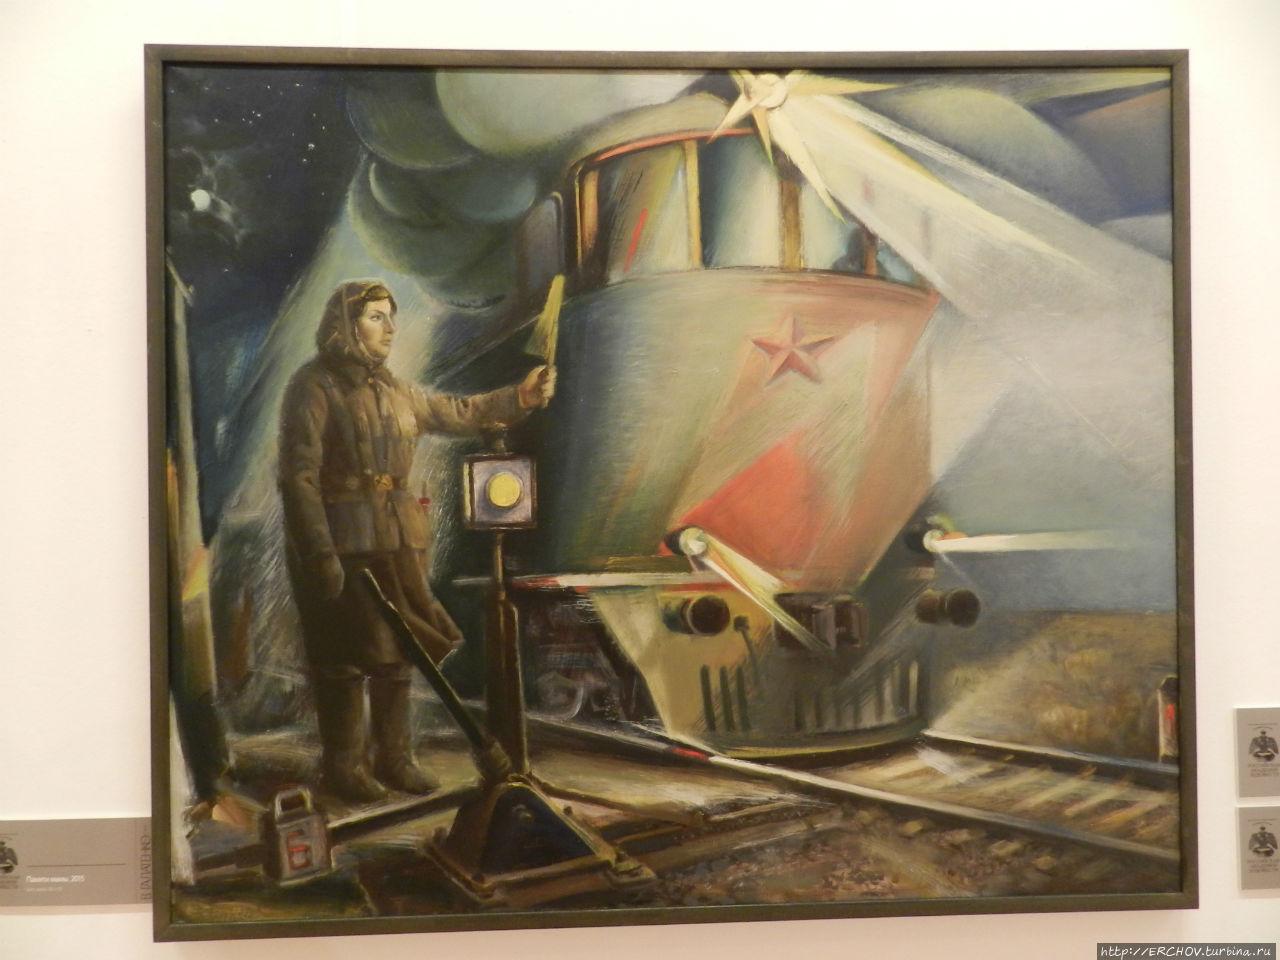 Если не ошибаюсь, это картина художника Головко?...